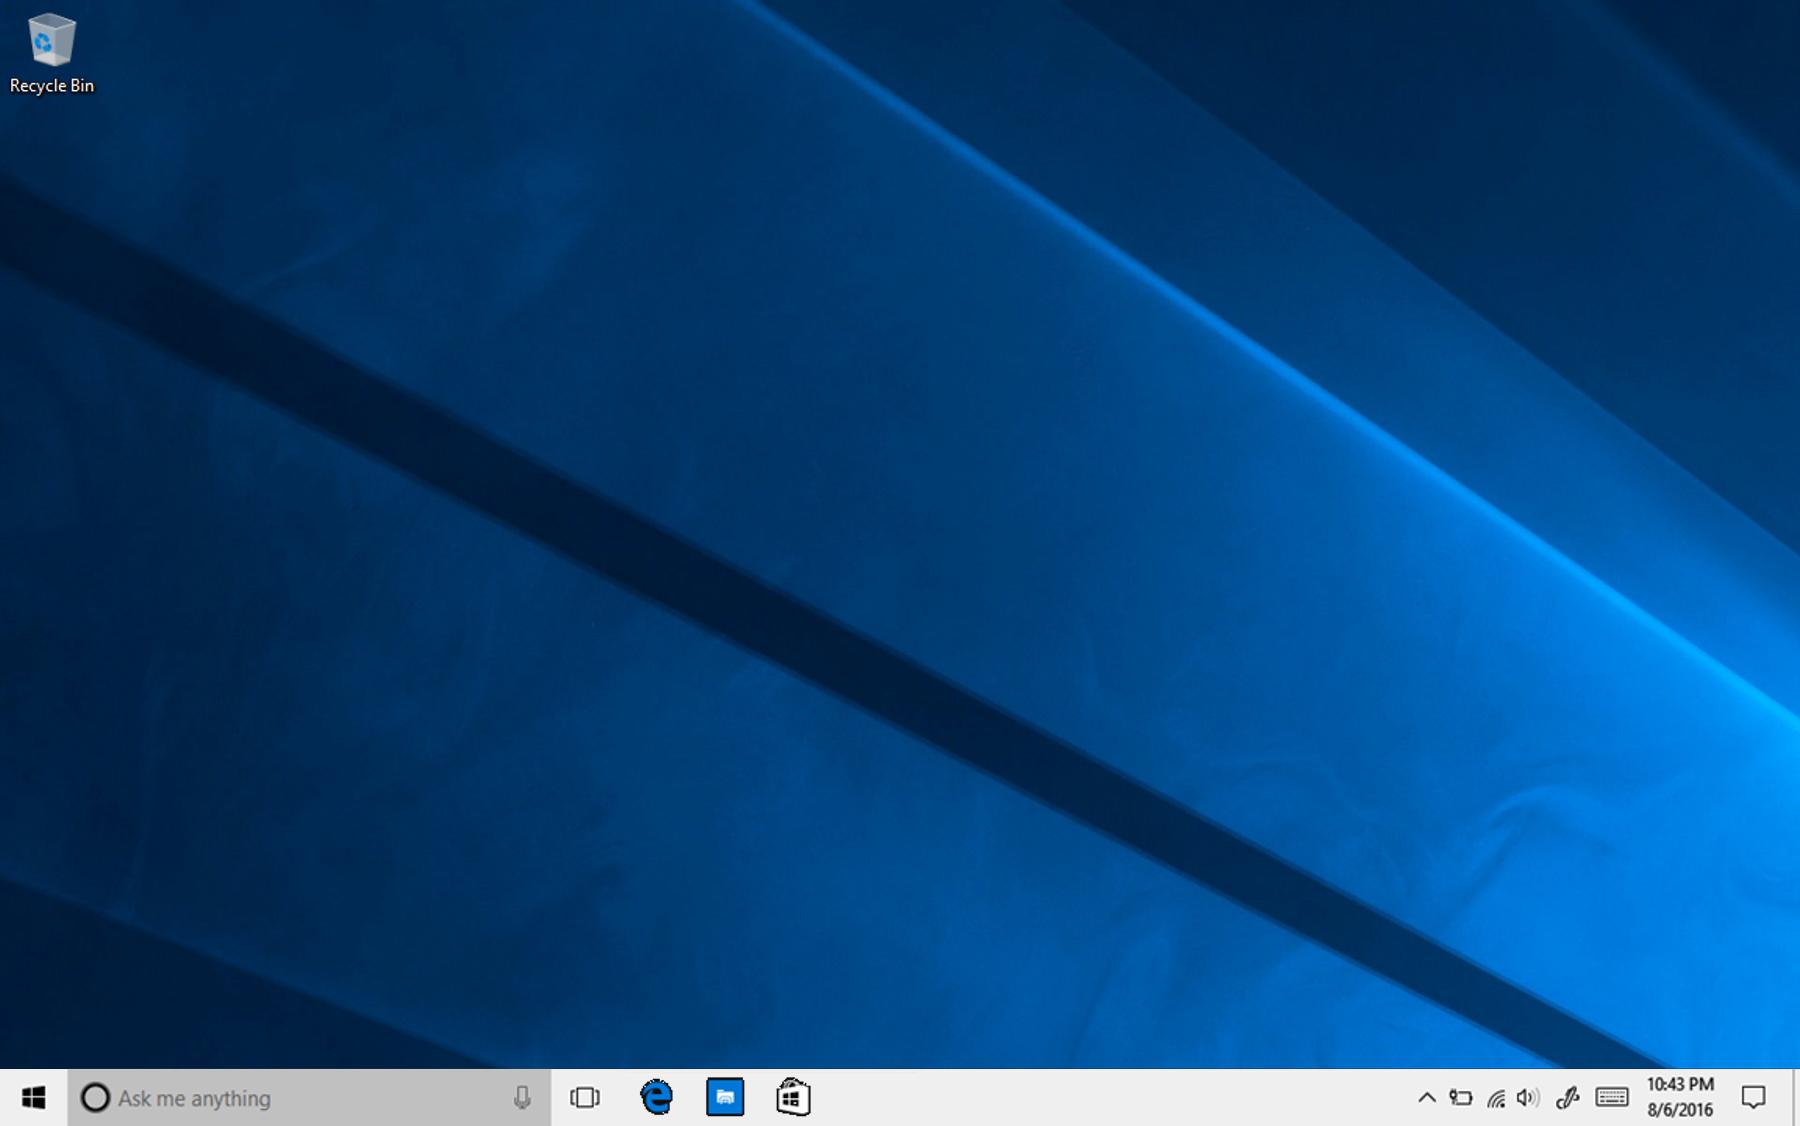 Concept: Full light theme for the Windows 10 desktop